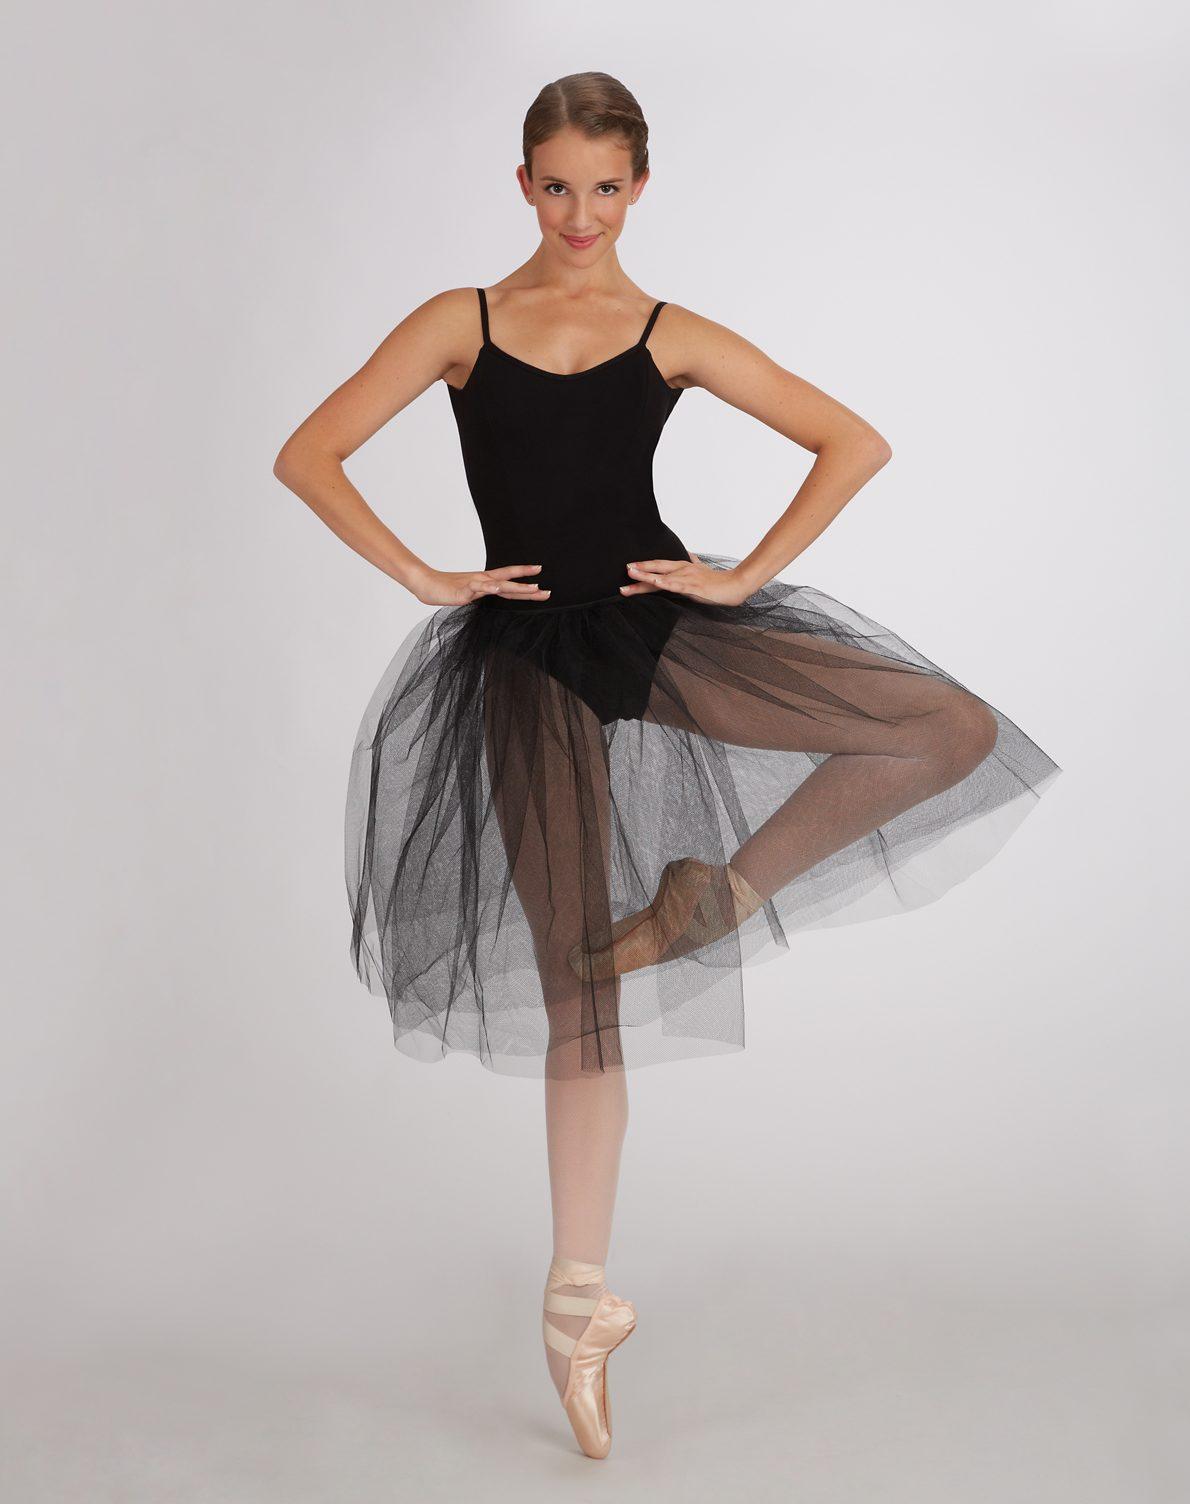 b6f1b07645 Capezio 9830 romantic tutu - danstheaterwinkel